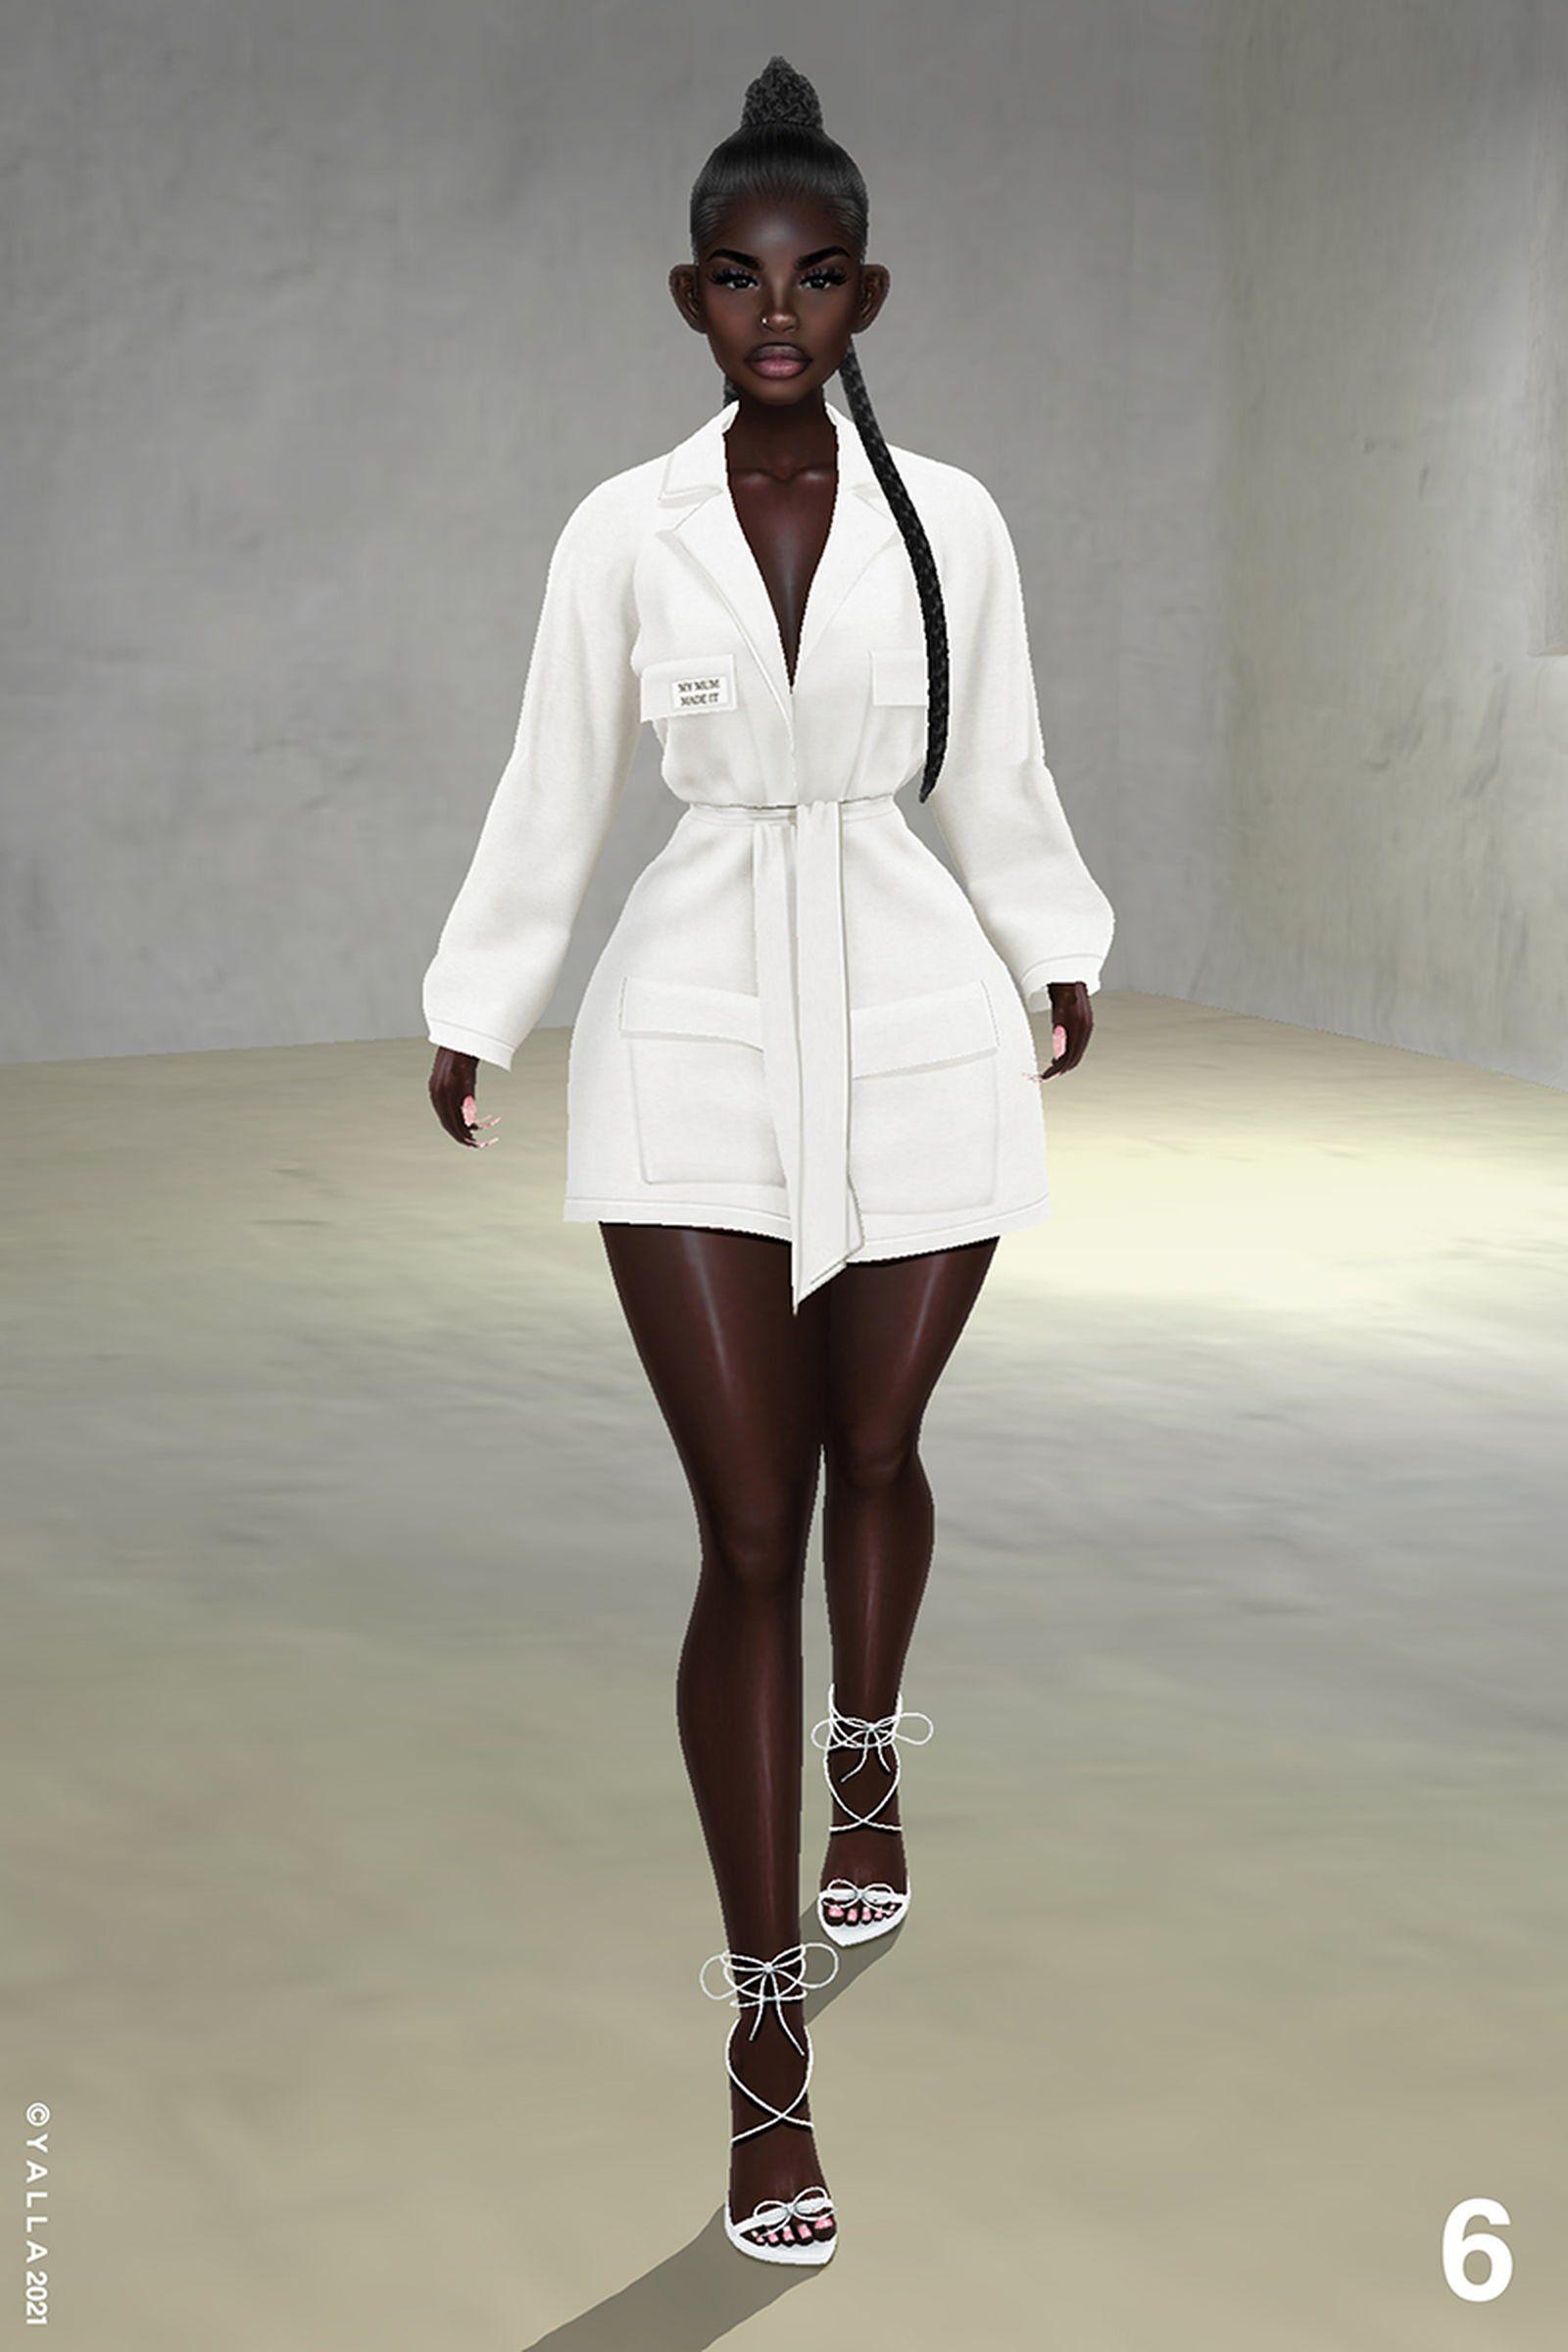 ivmu-digital-fashion-runway-show-nft- (3)